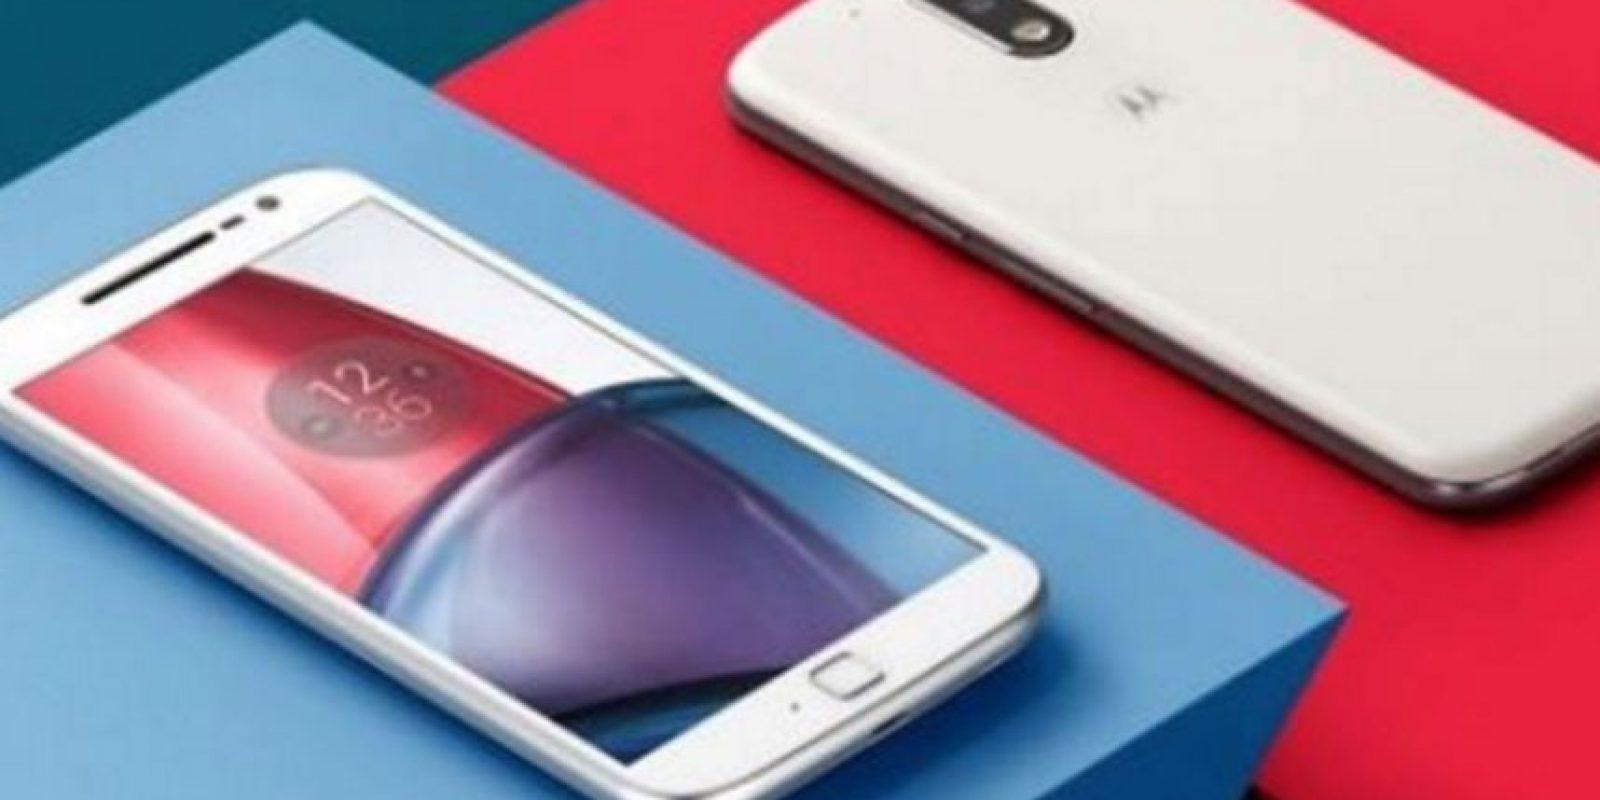 La cámara del Moto G 4 Plus compite con la del iPhone 6s Plus. Foto:Motorola/Lenovo